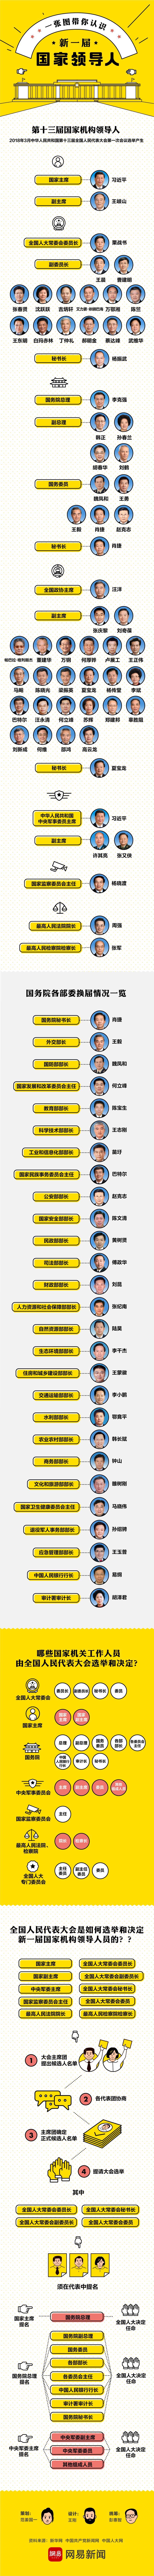 一张图带你认识新一届国家领导人